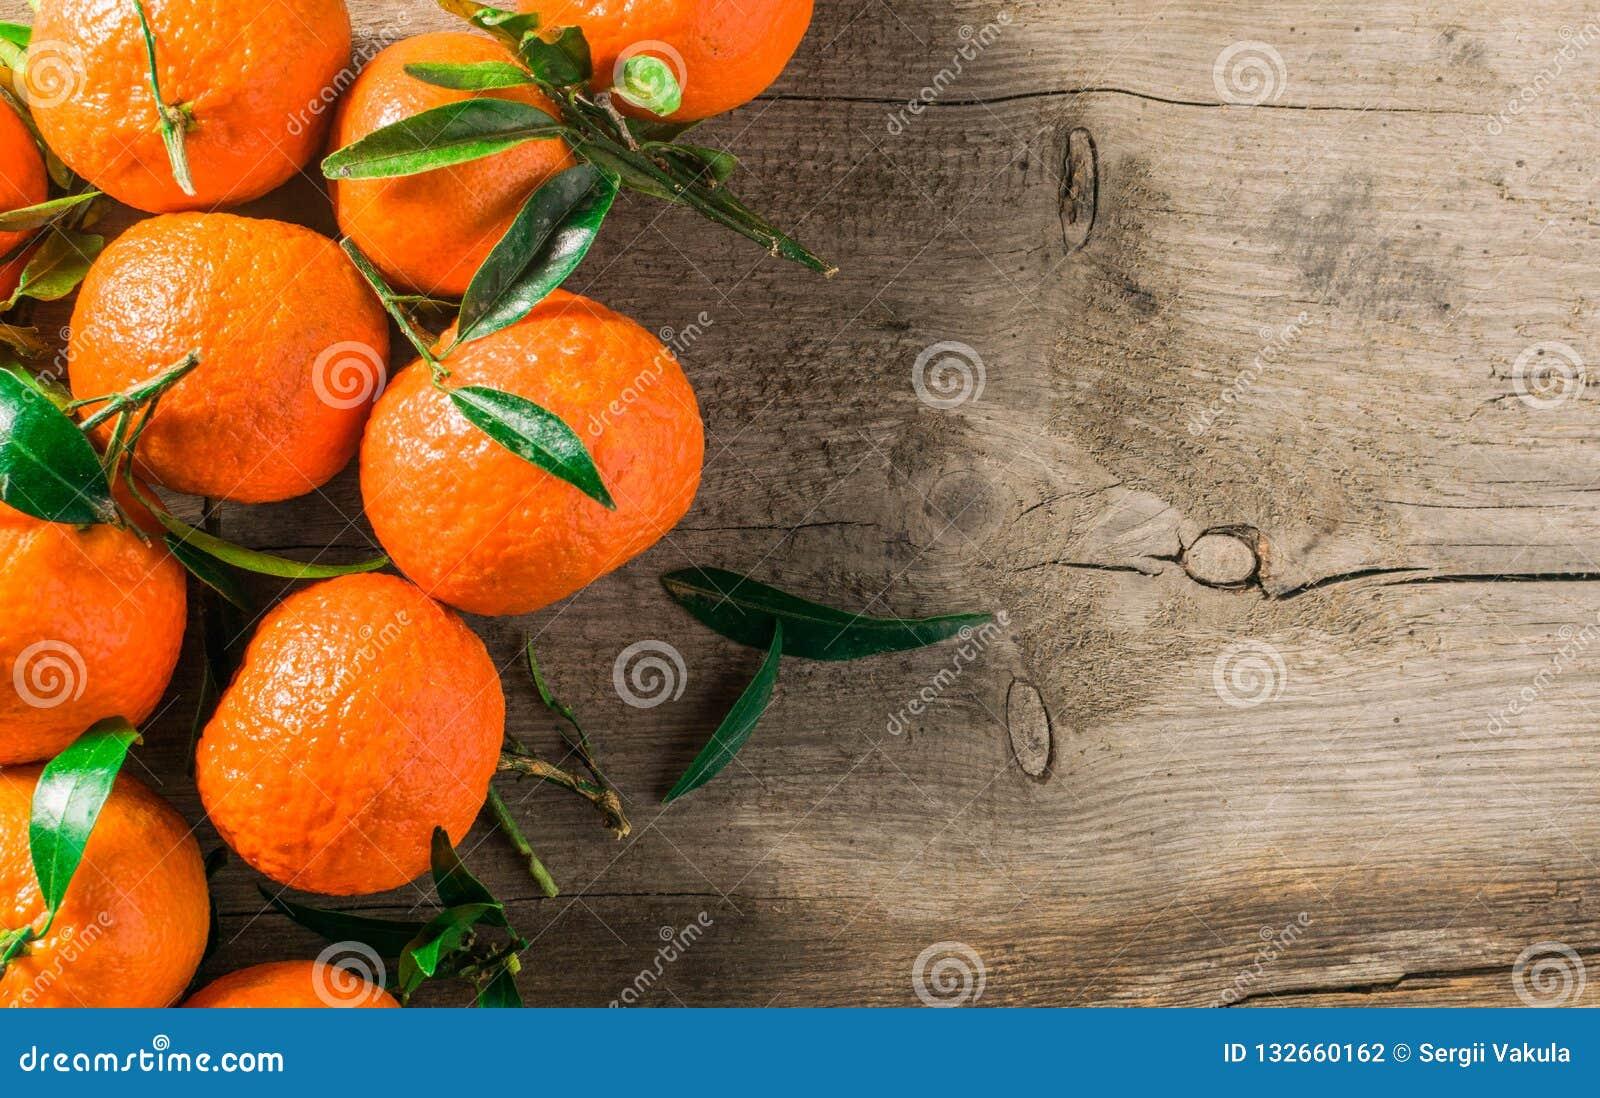 Naranjas de las mandarinas, mandarines, clementinas, agrios con las hojas en cesta sobre el fondo de madera rústico, espacio de l